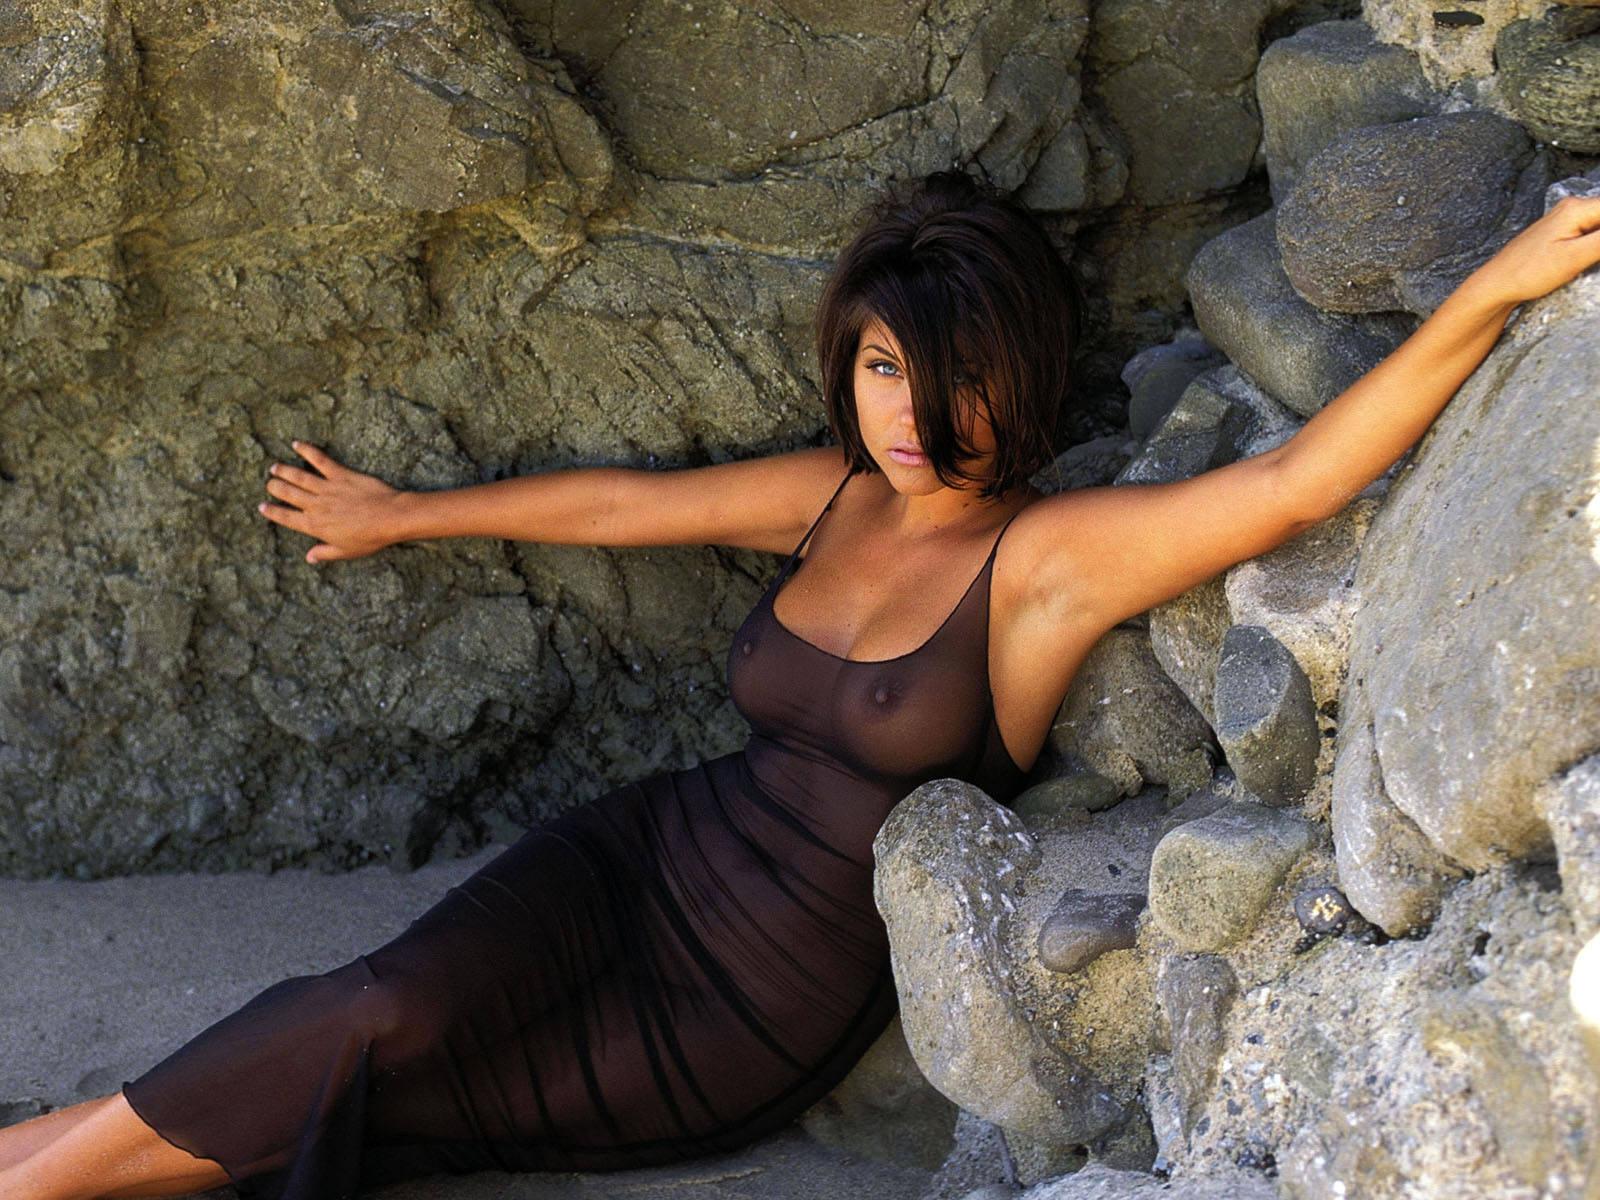 tiffani thiessen posing at the beach in a see through dress.